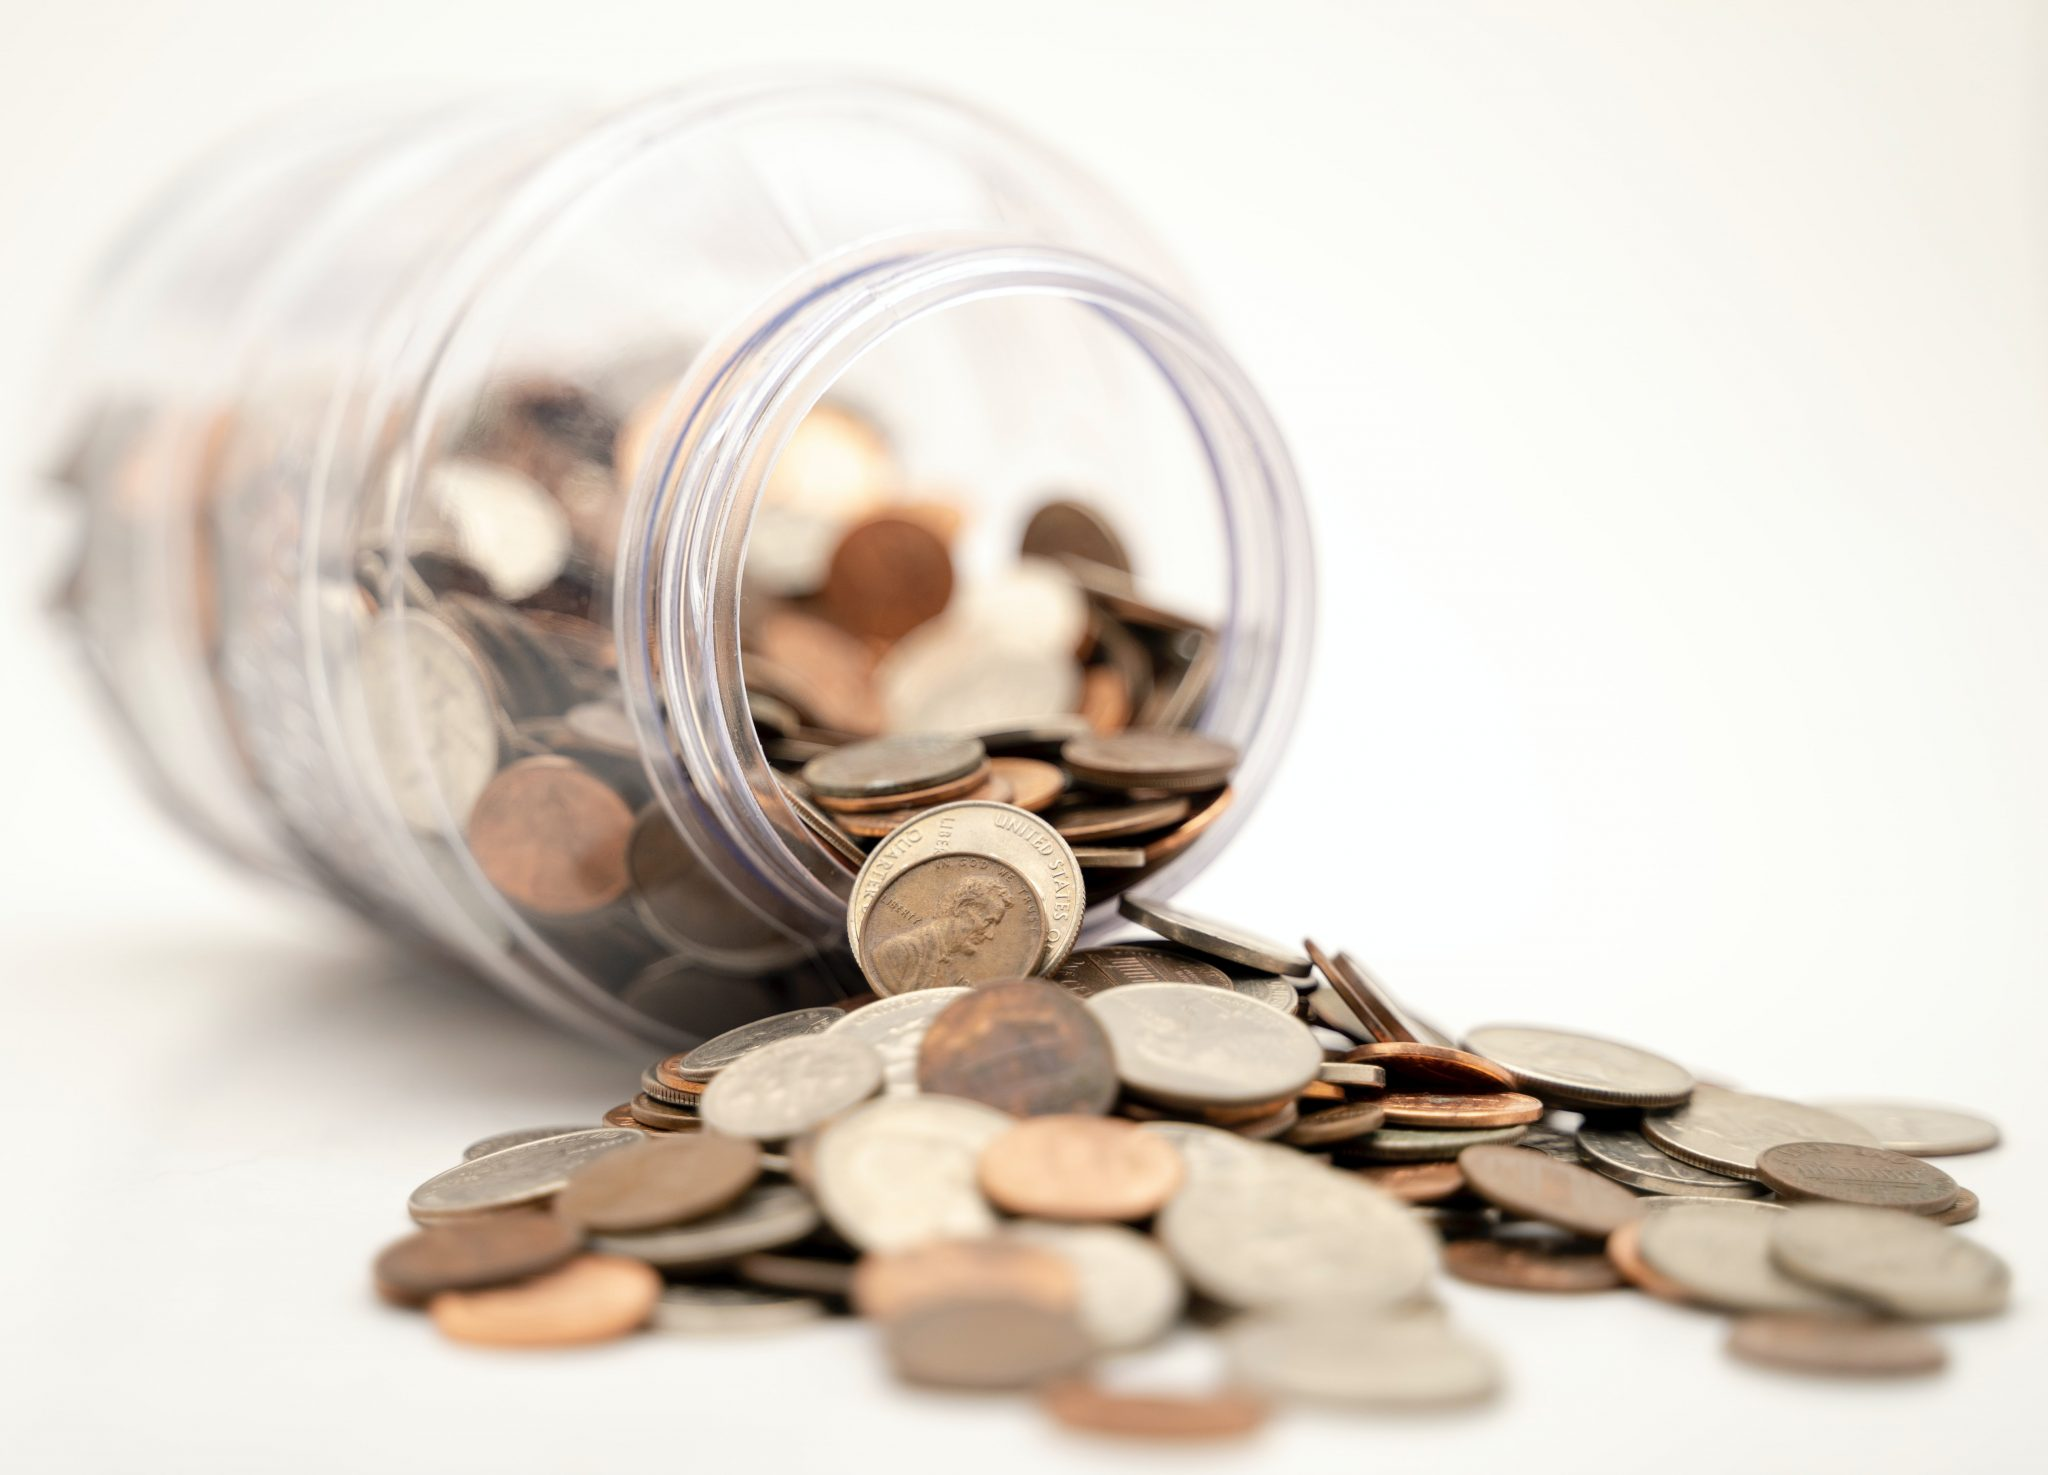 money dpg